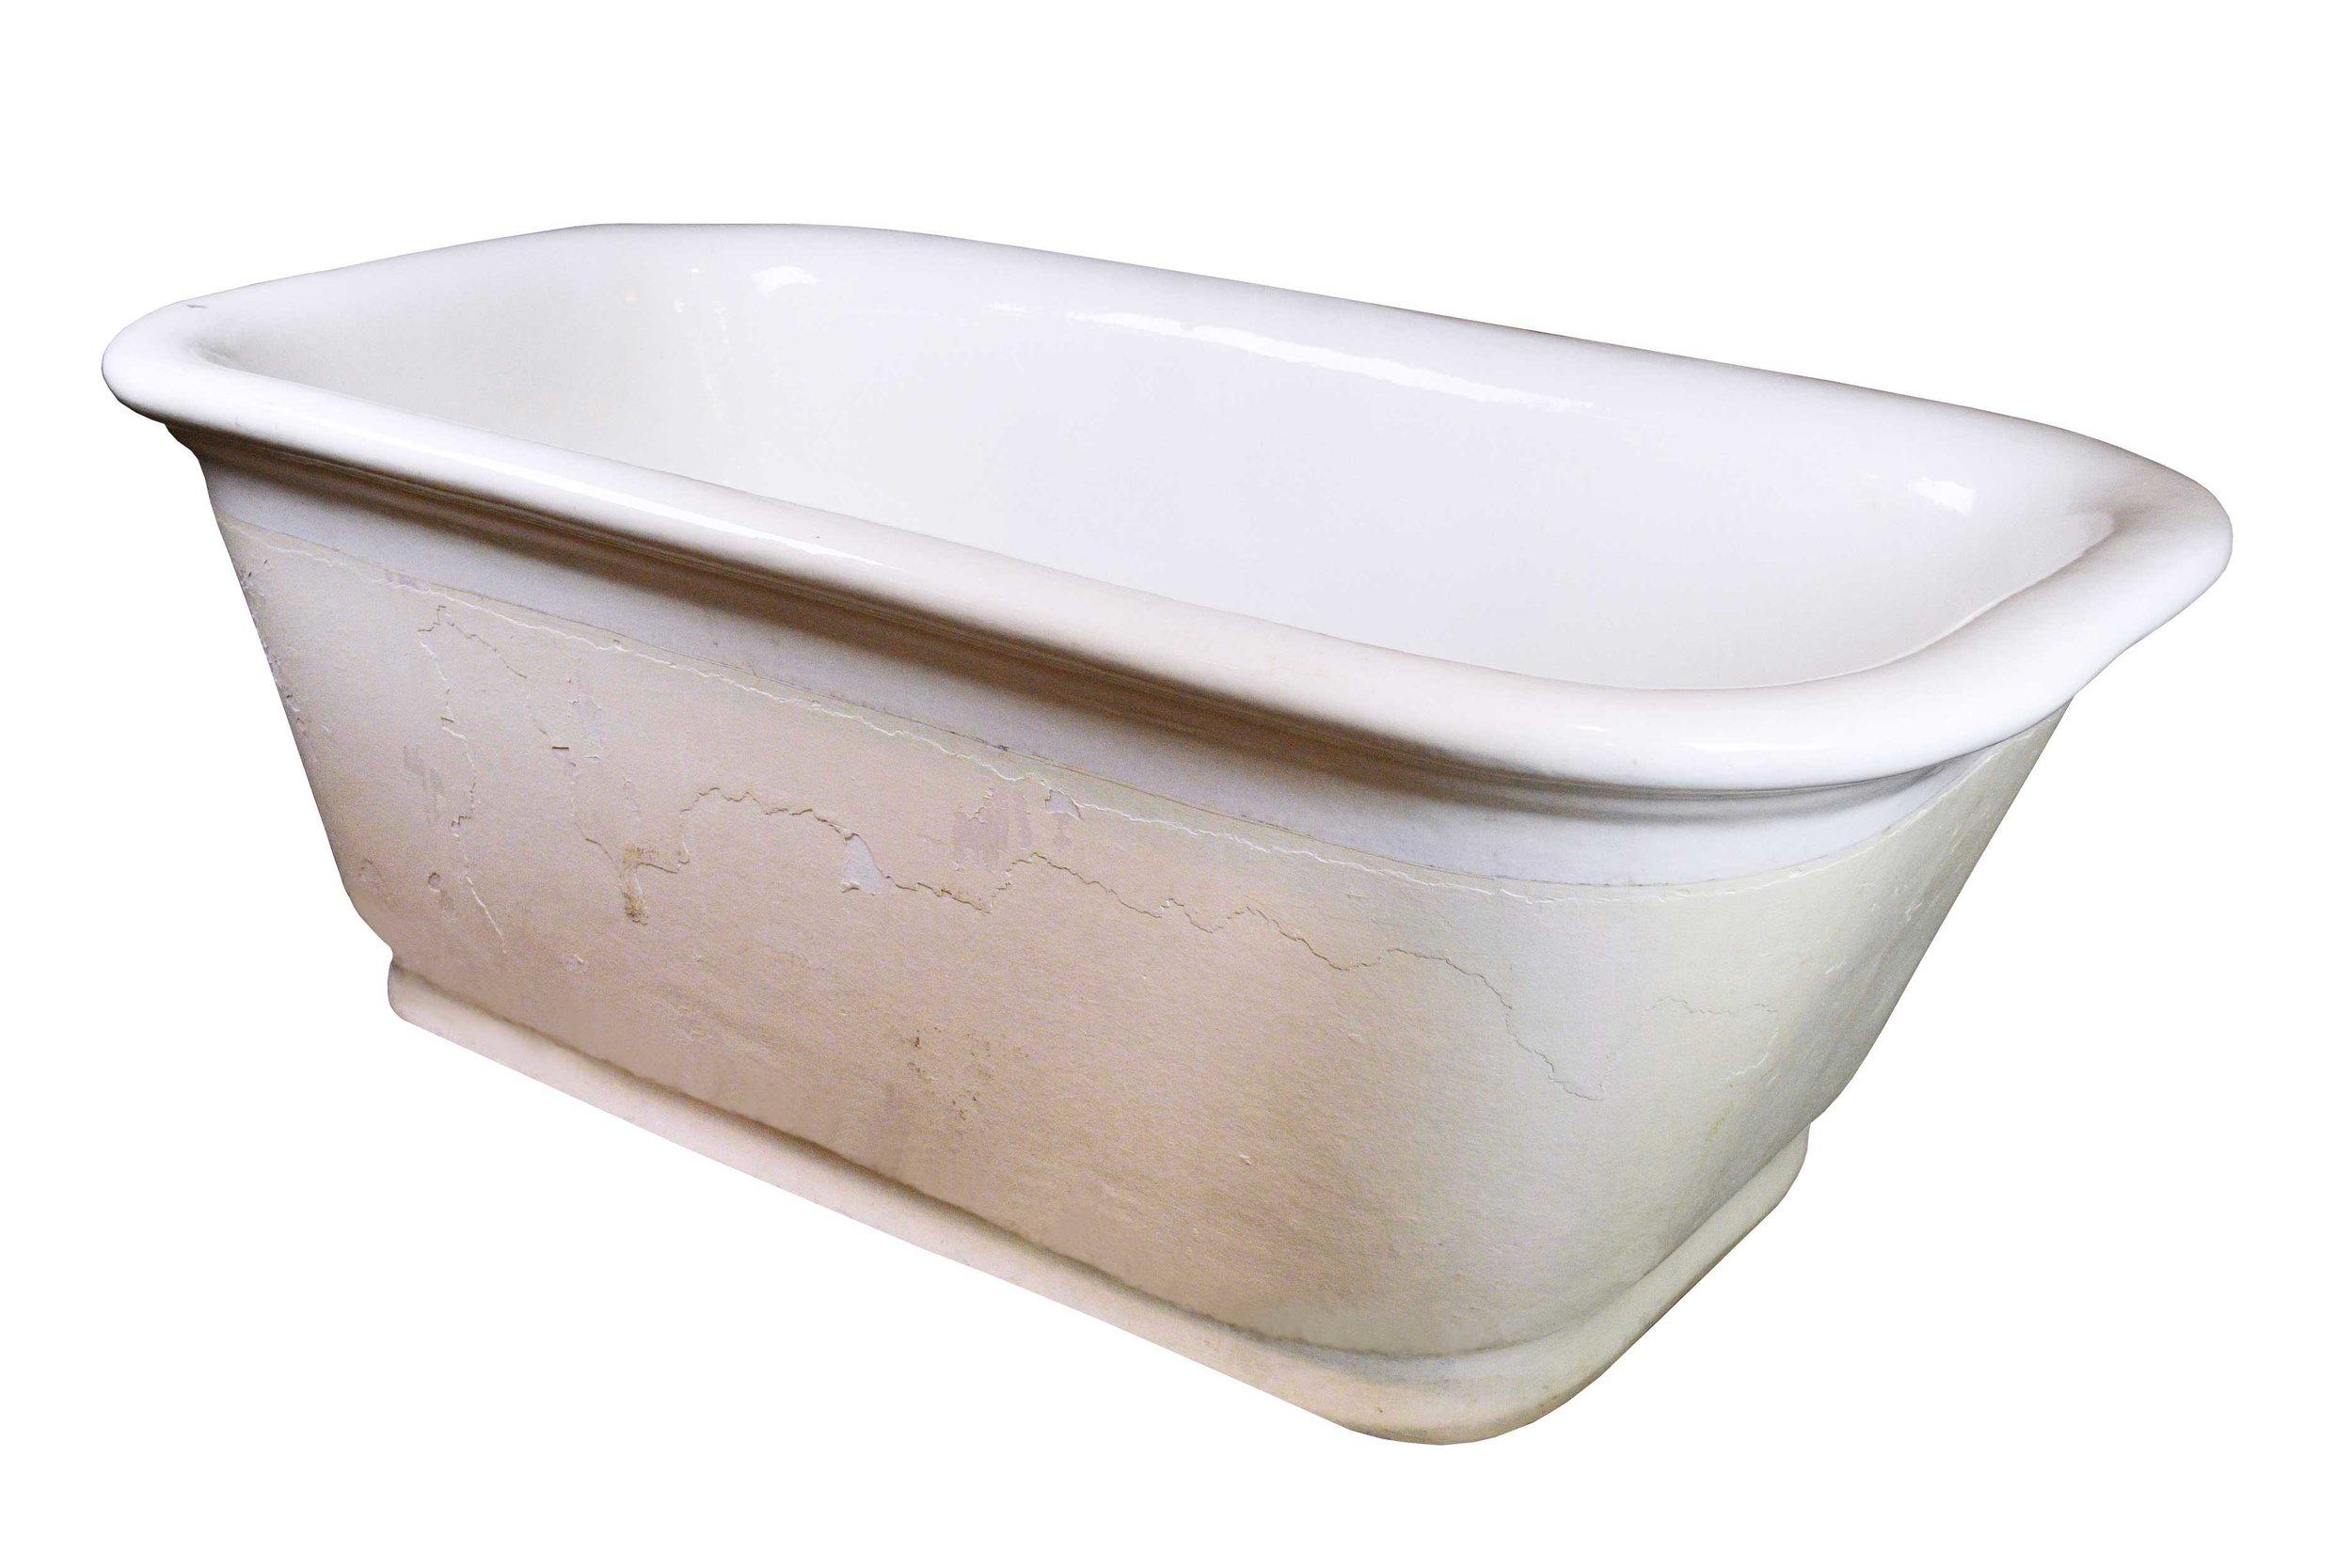 47841-porcelain-center-drain-tub-side.jpg